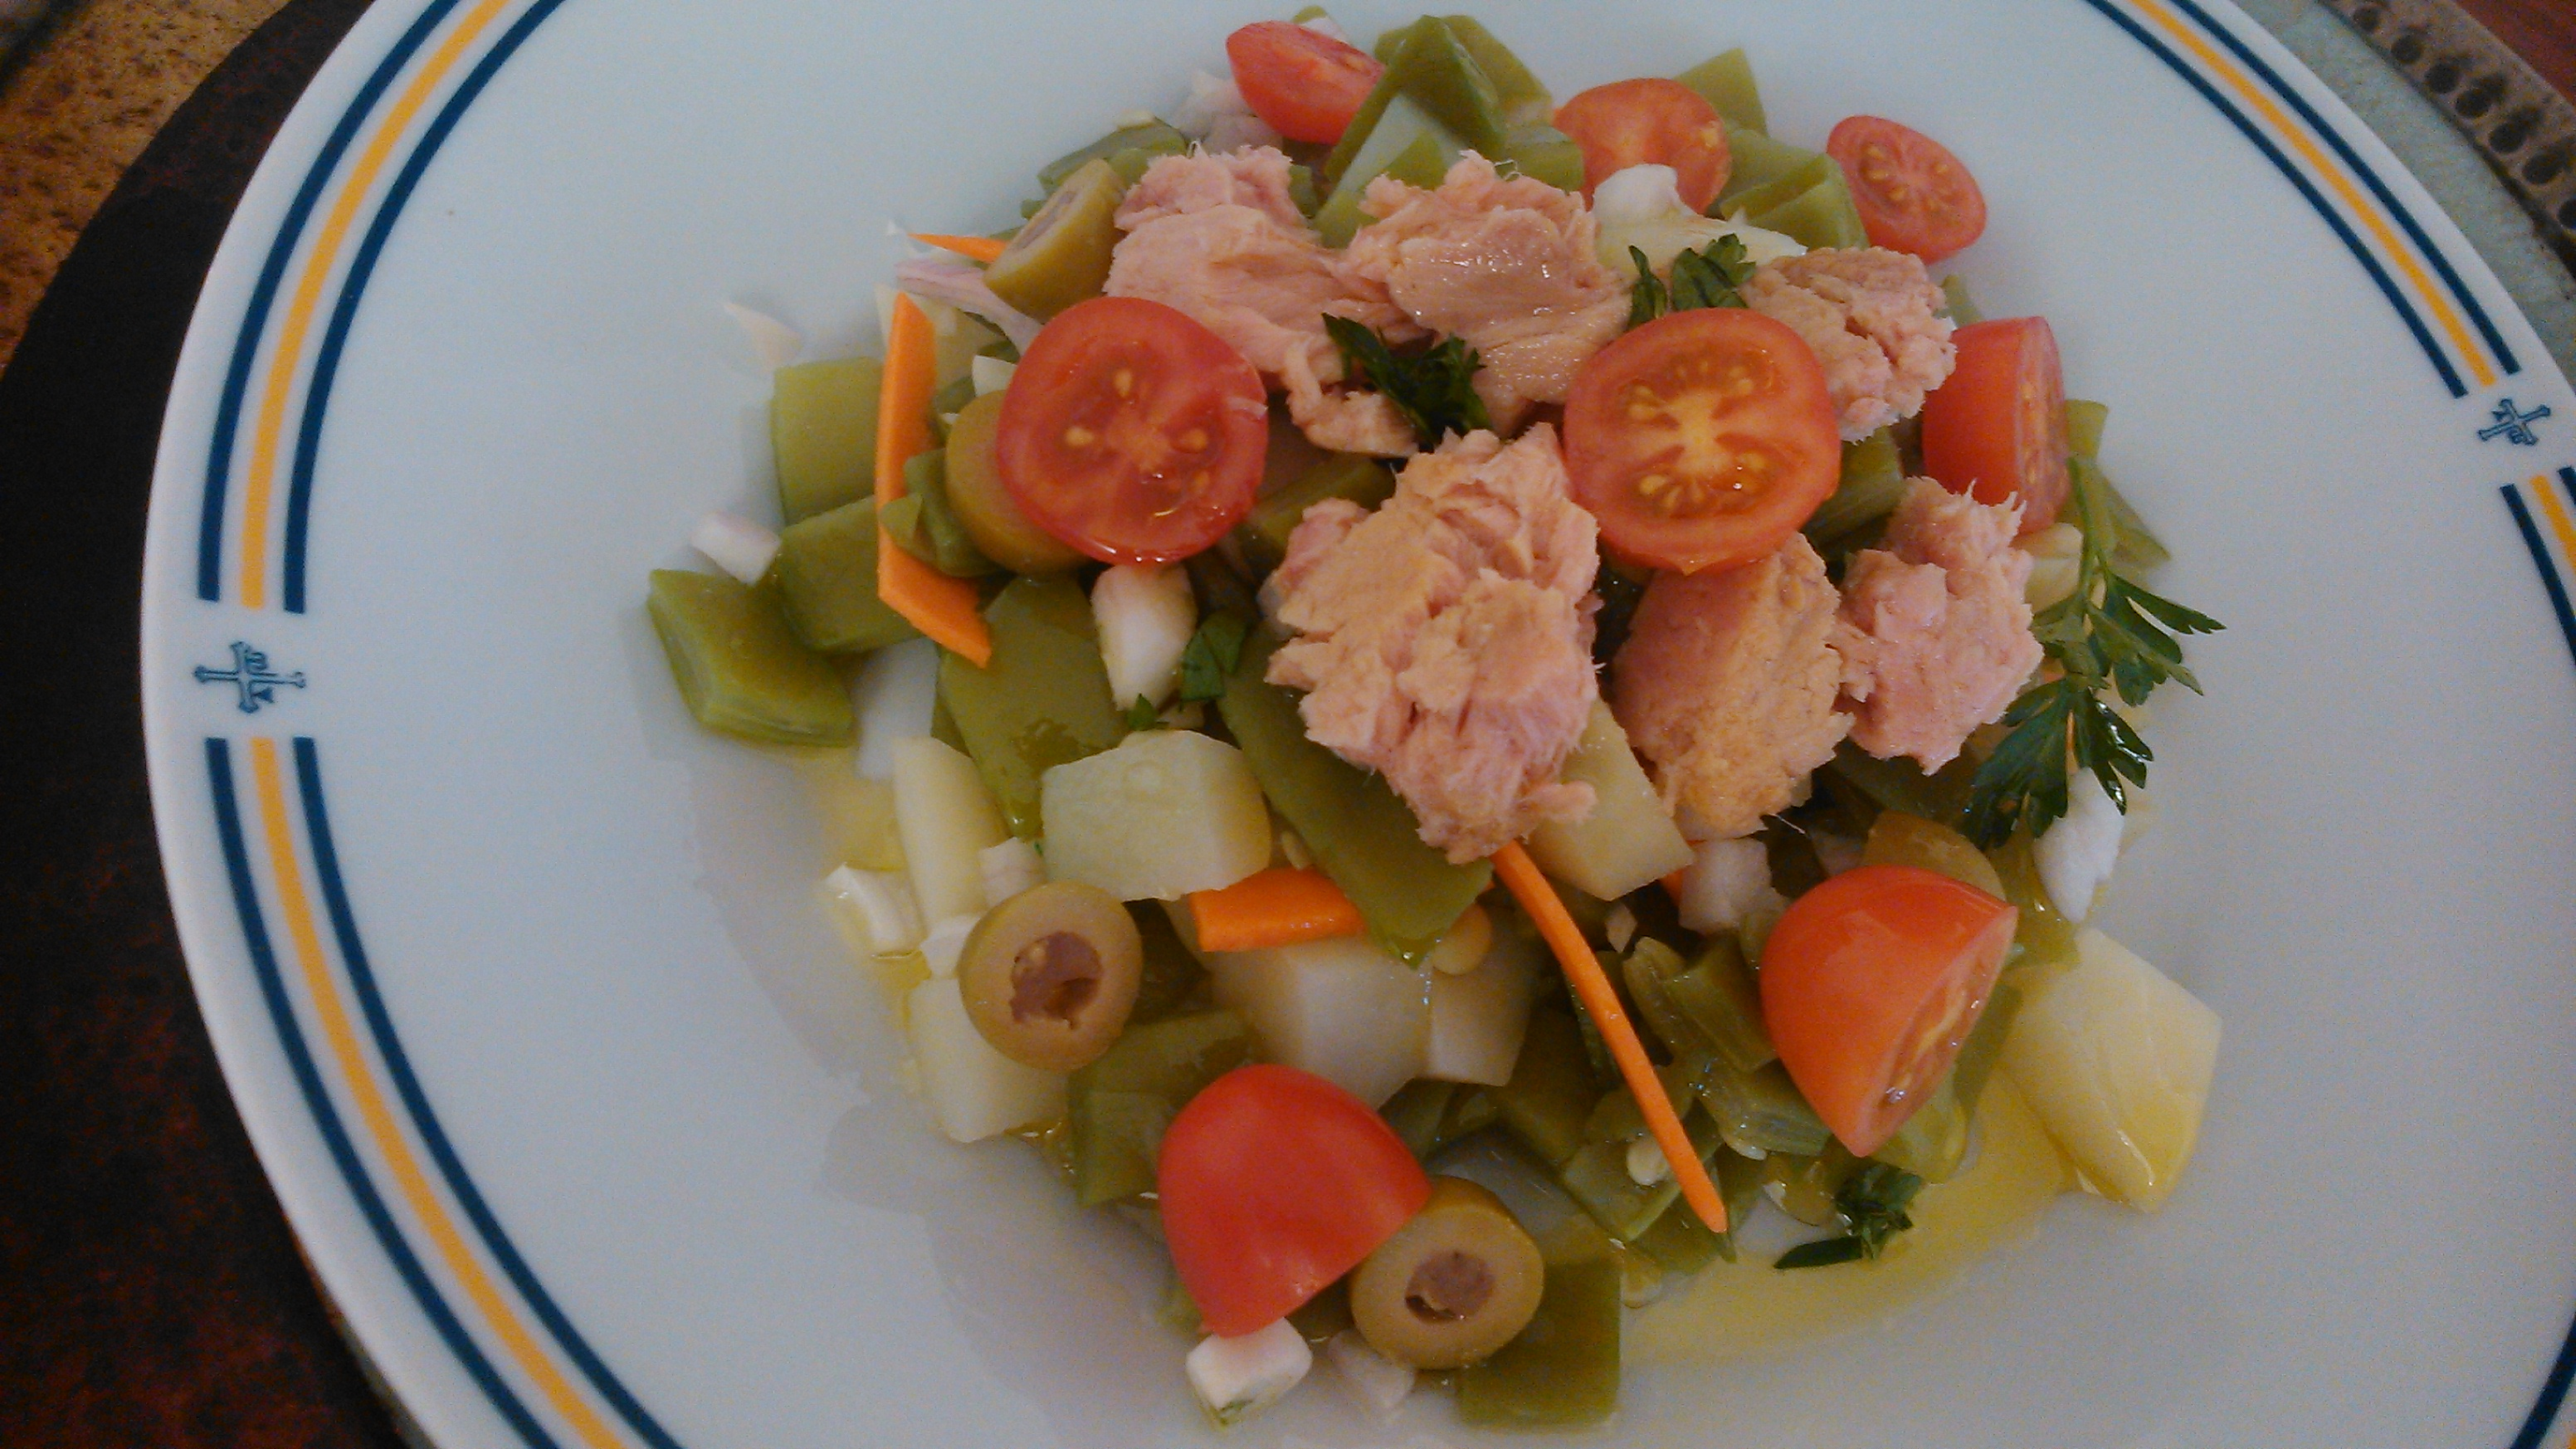 Ensalada de judias verdes aprende cocina - Como preparar las judias verdes ...